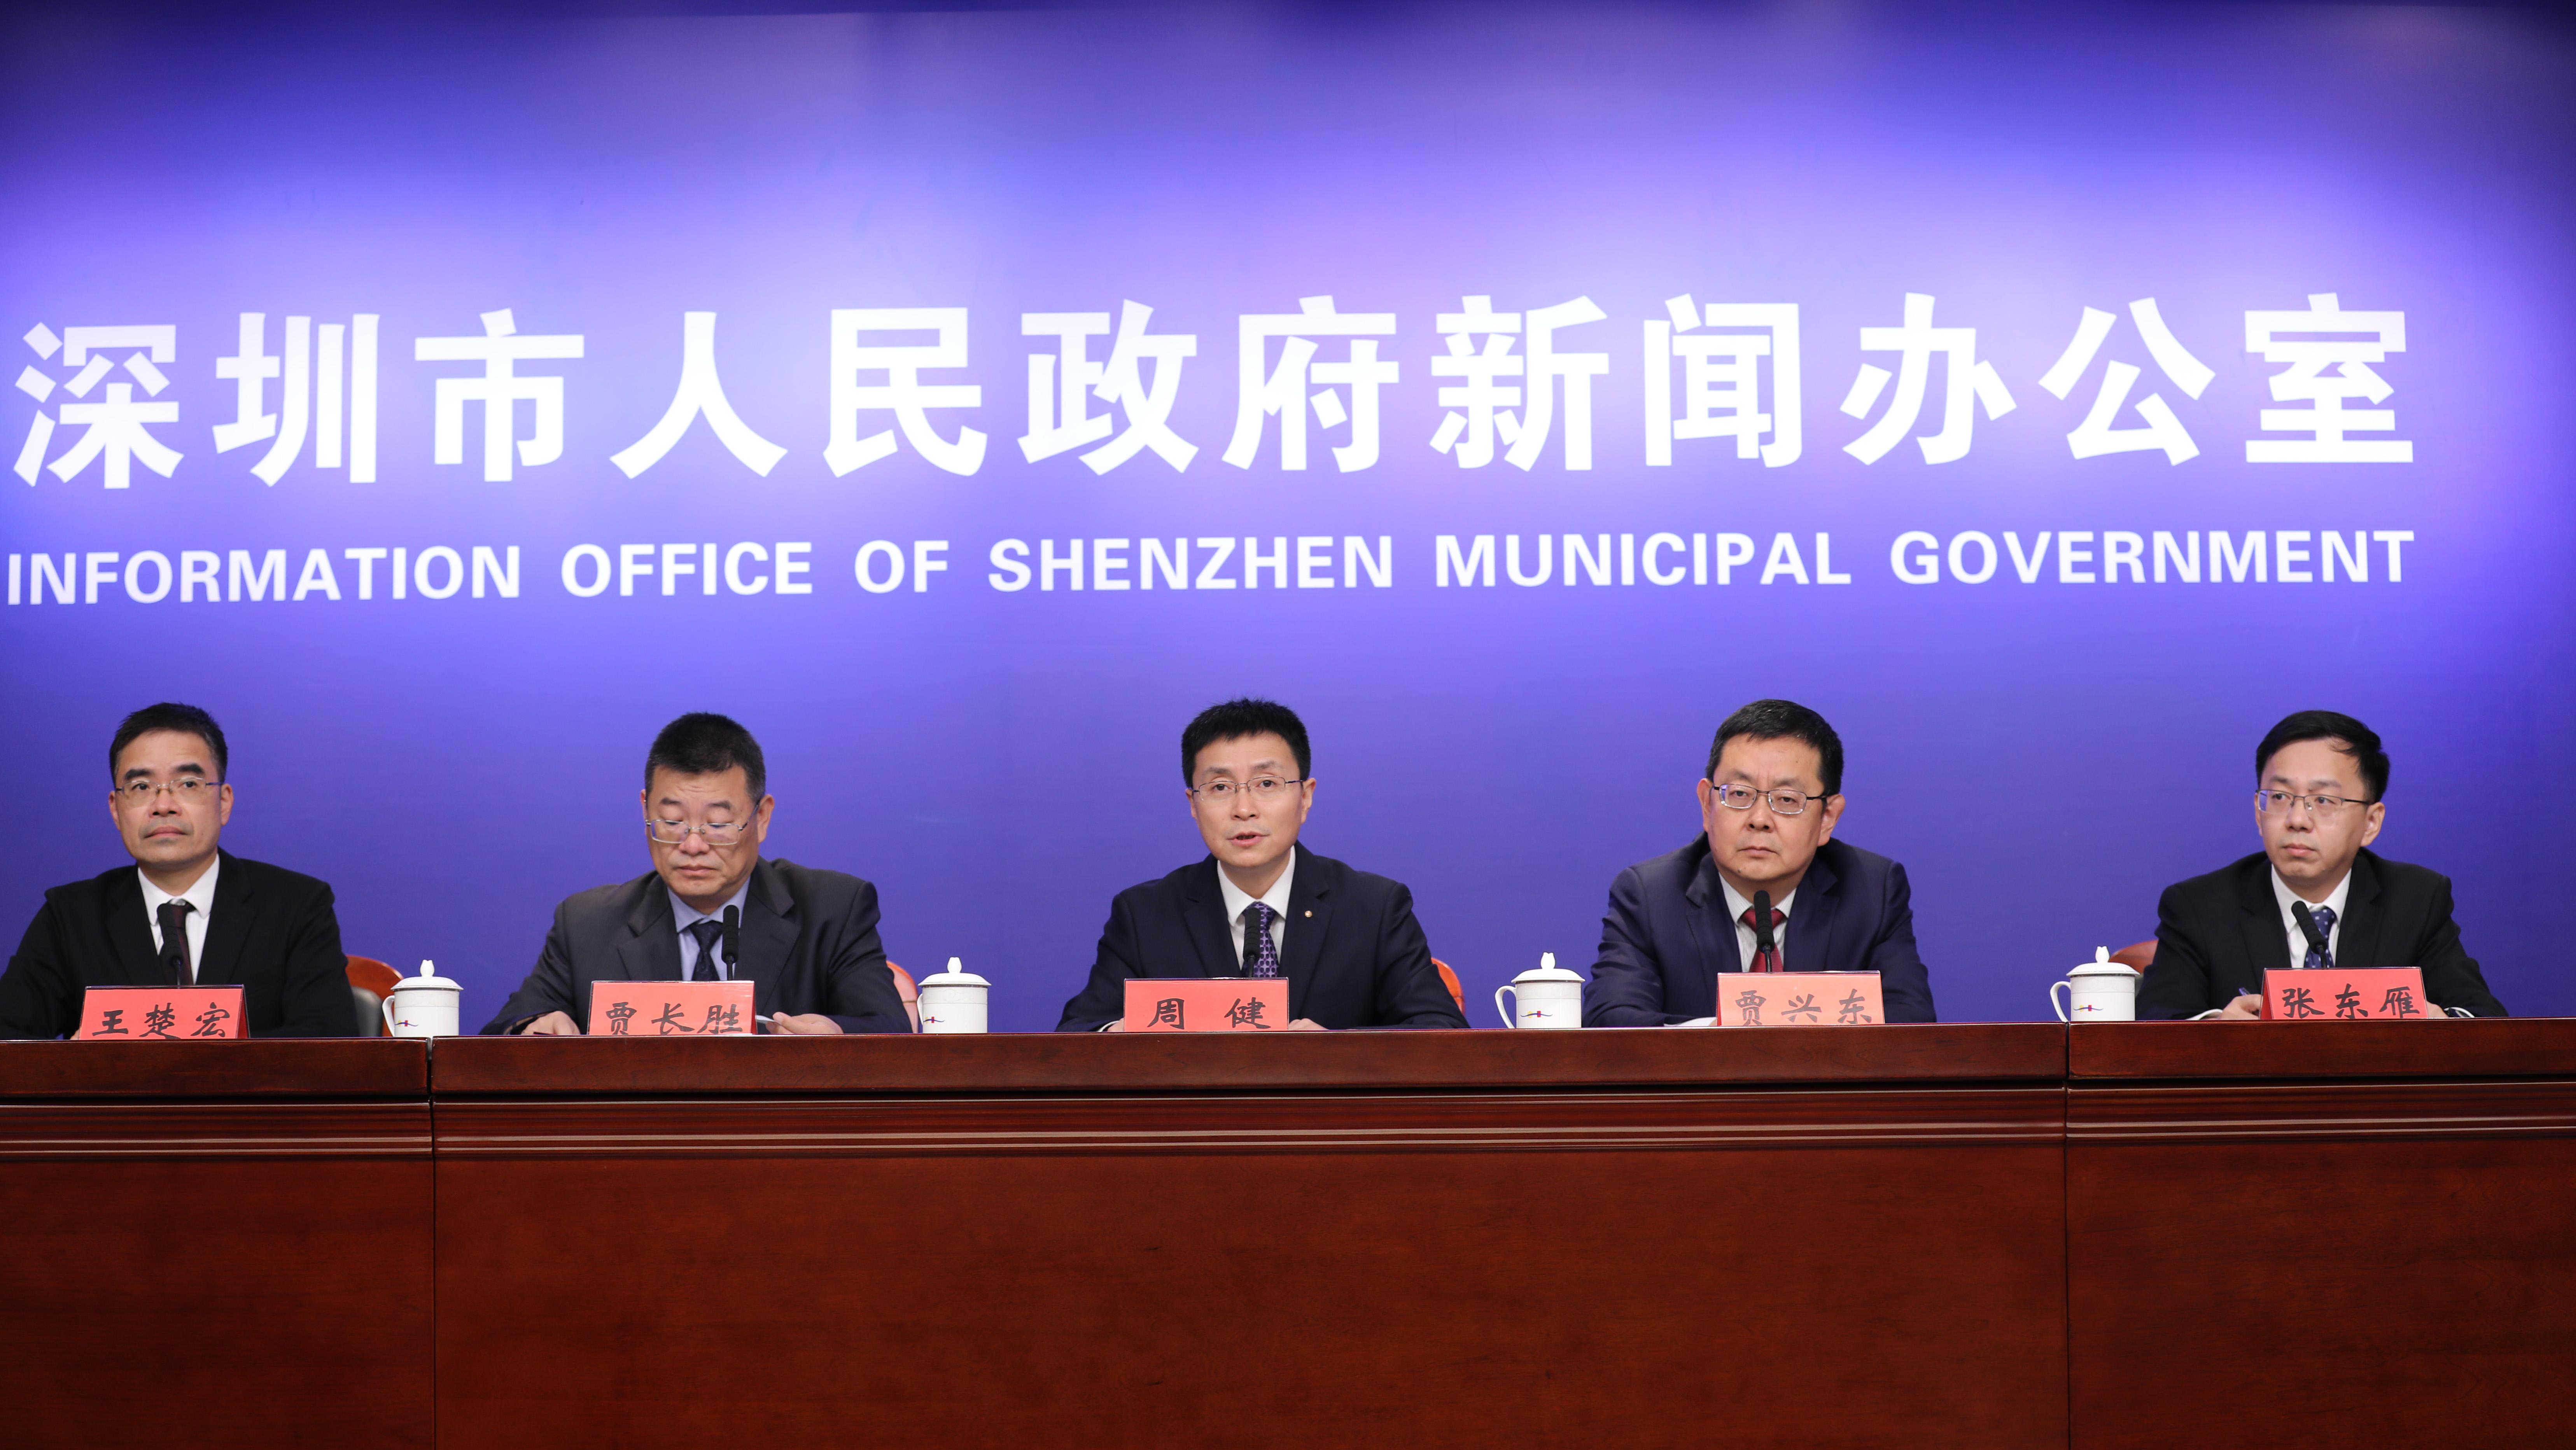 深圳市政府新闻办新闻发布会(2020年APEC中小企业工商论坛)